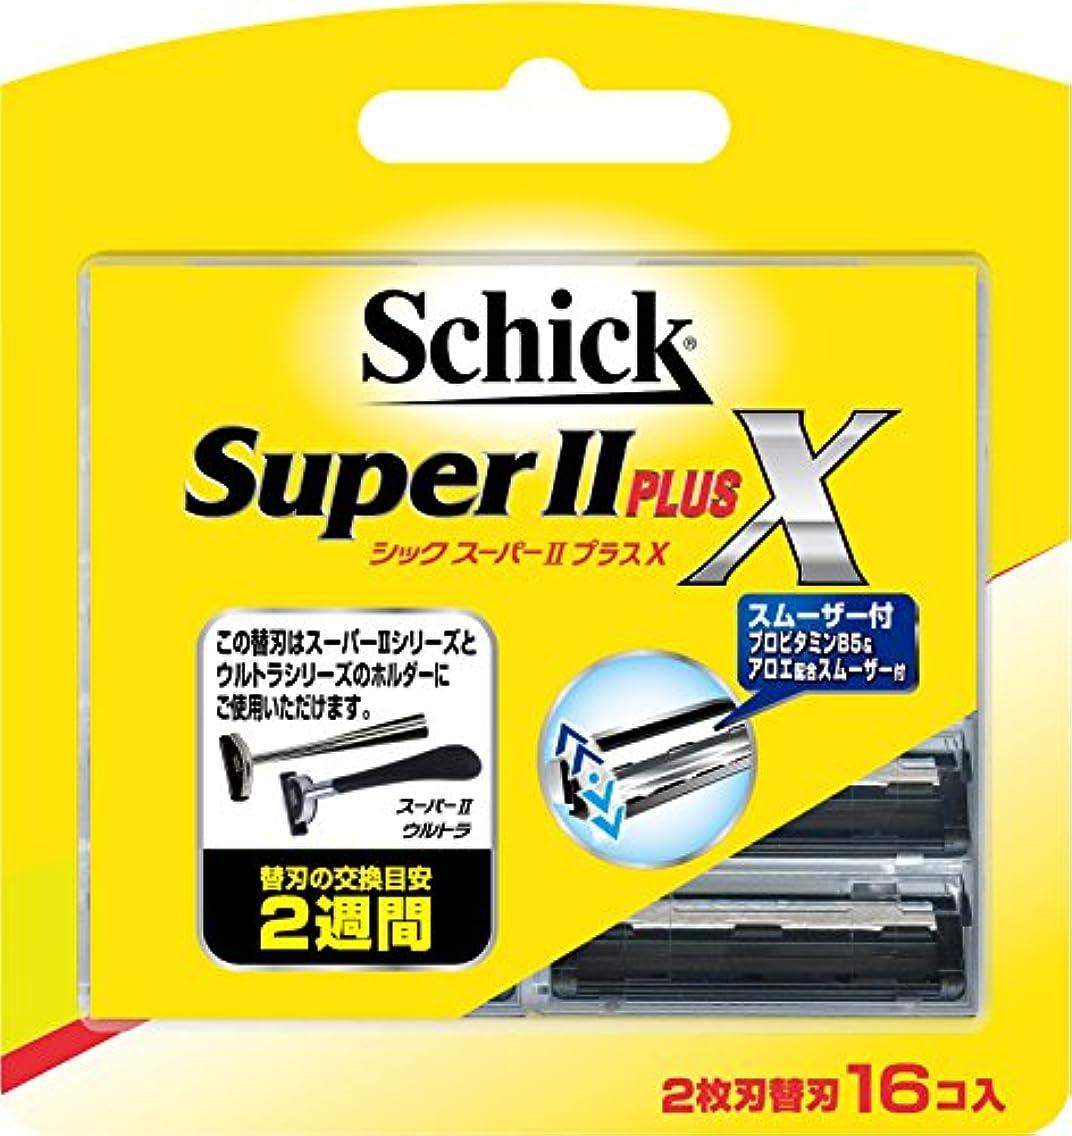 選ぶ思い出お風呂シック Schick スーパーIIプラスX 2枚刃 替刃 (16コ入)